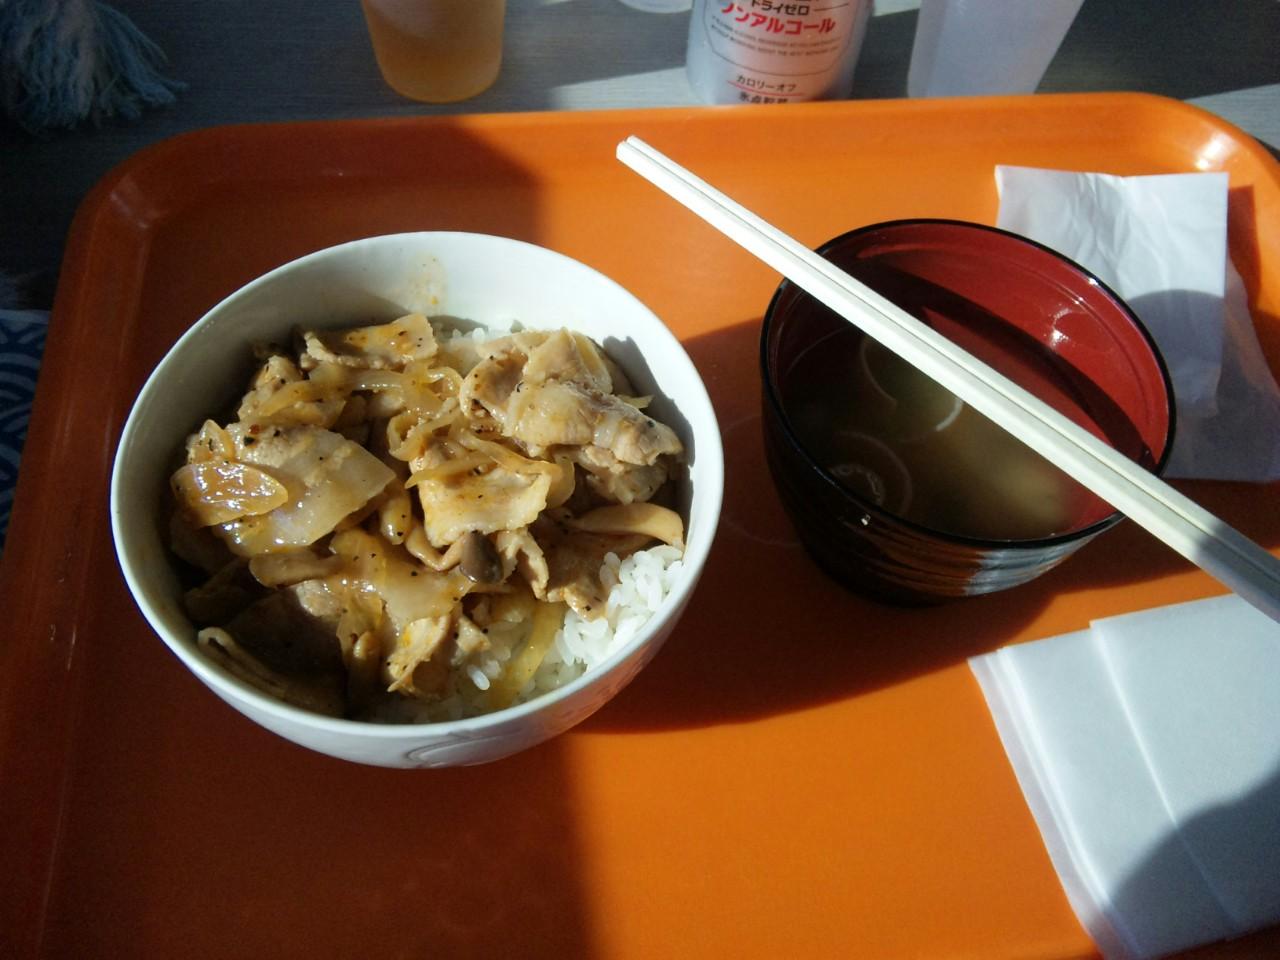 ペッパー焼肉丼ハーフサイズ